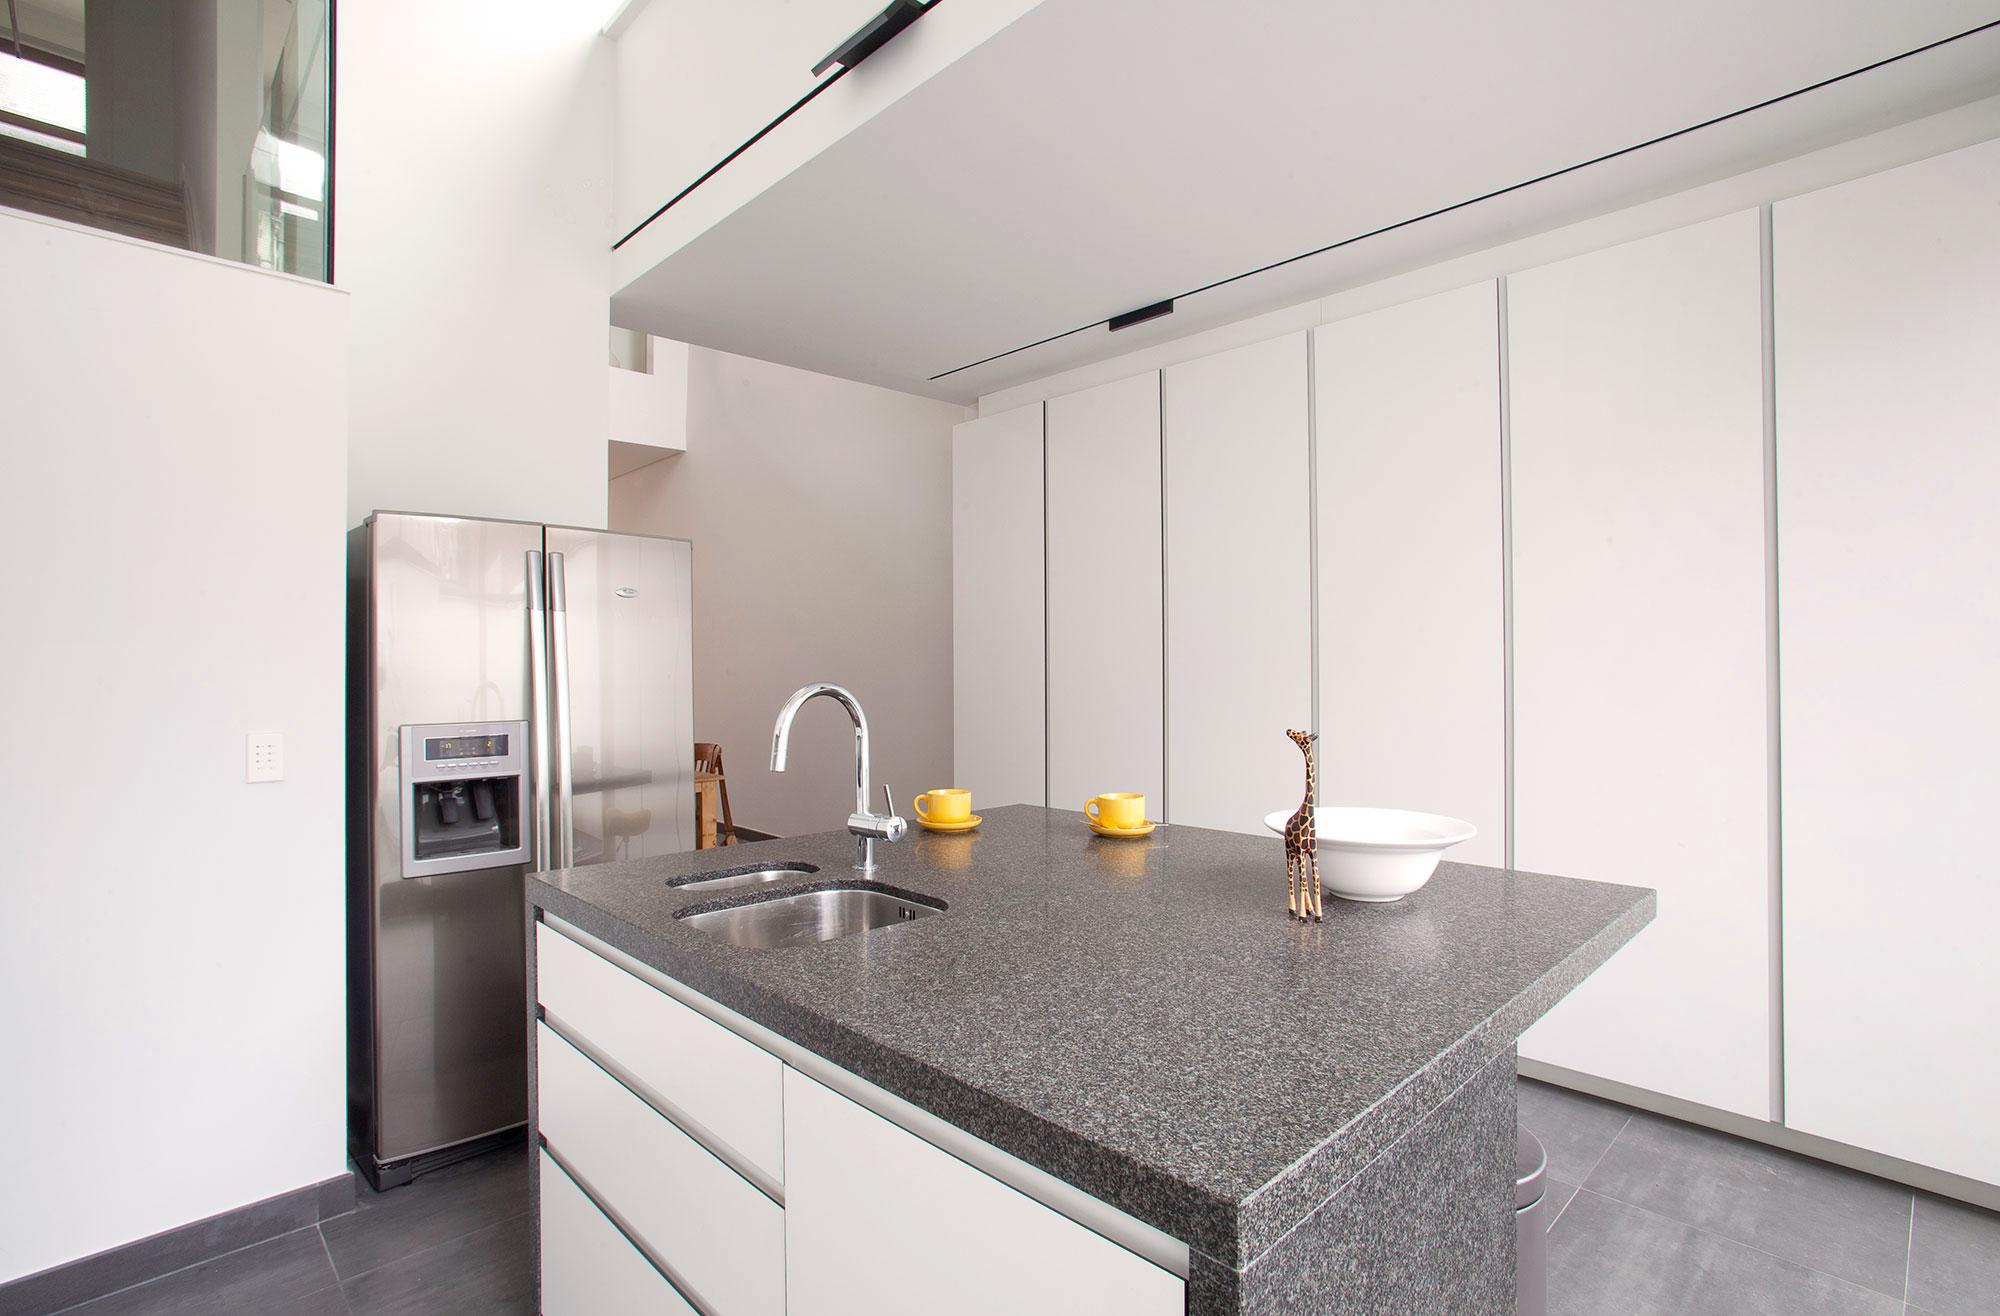 De keuken werd voorzien van een zes ingebouwde kasten.